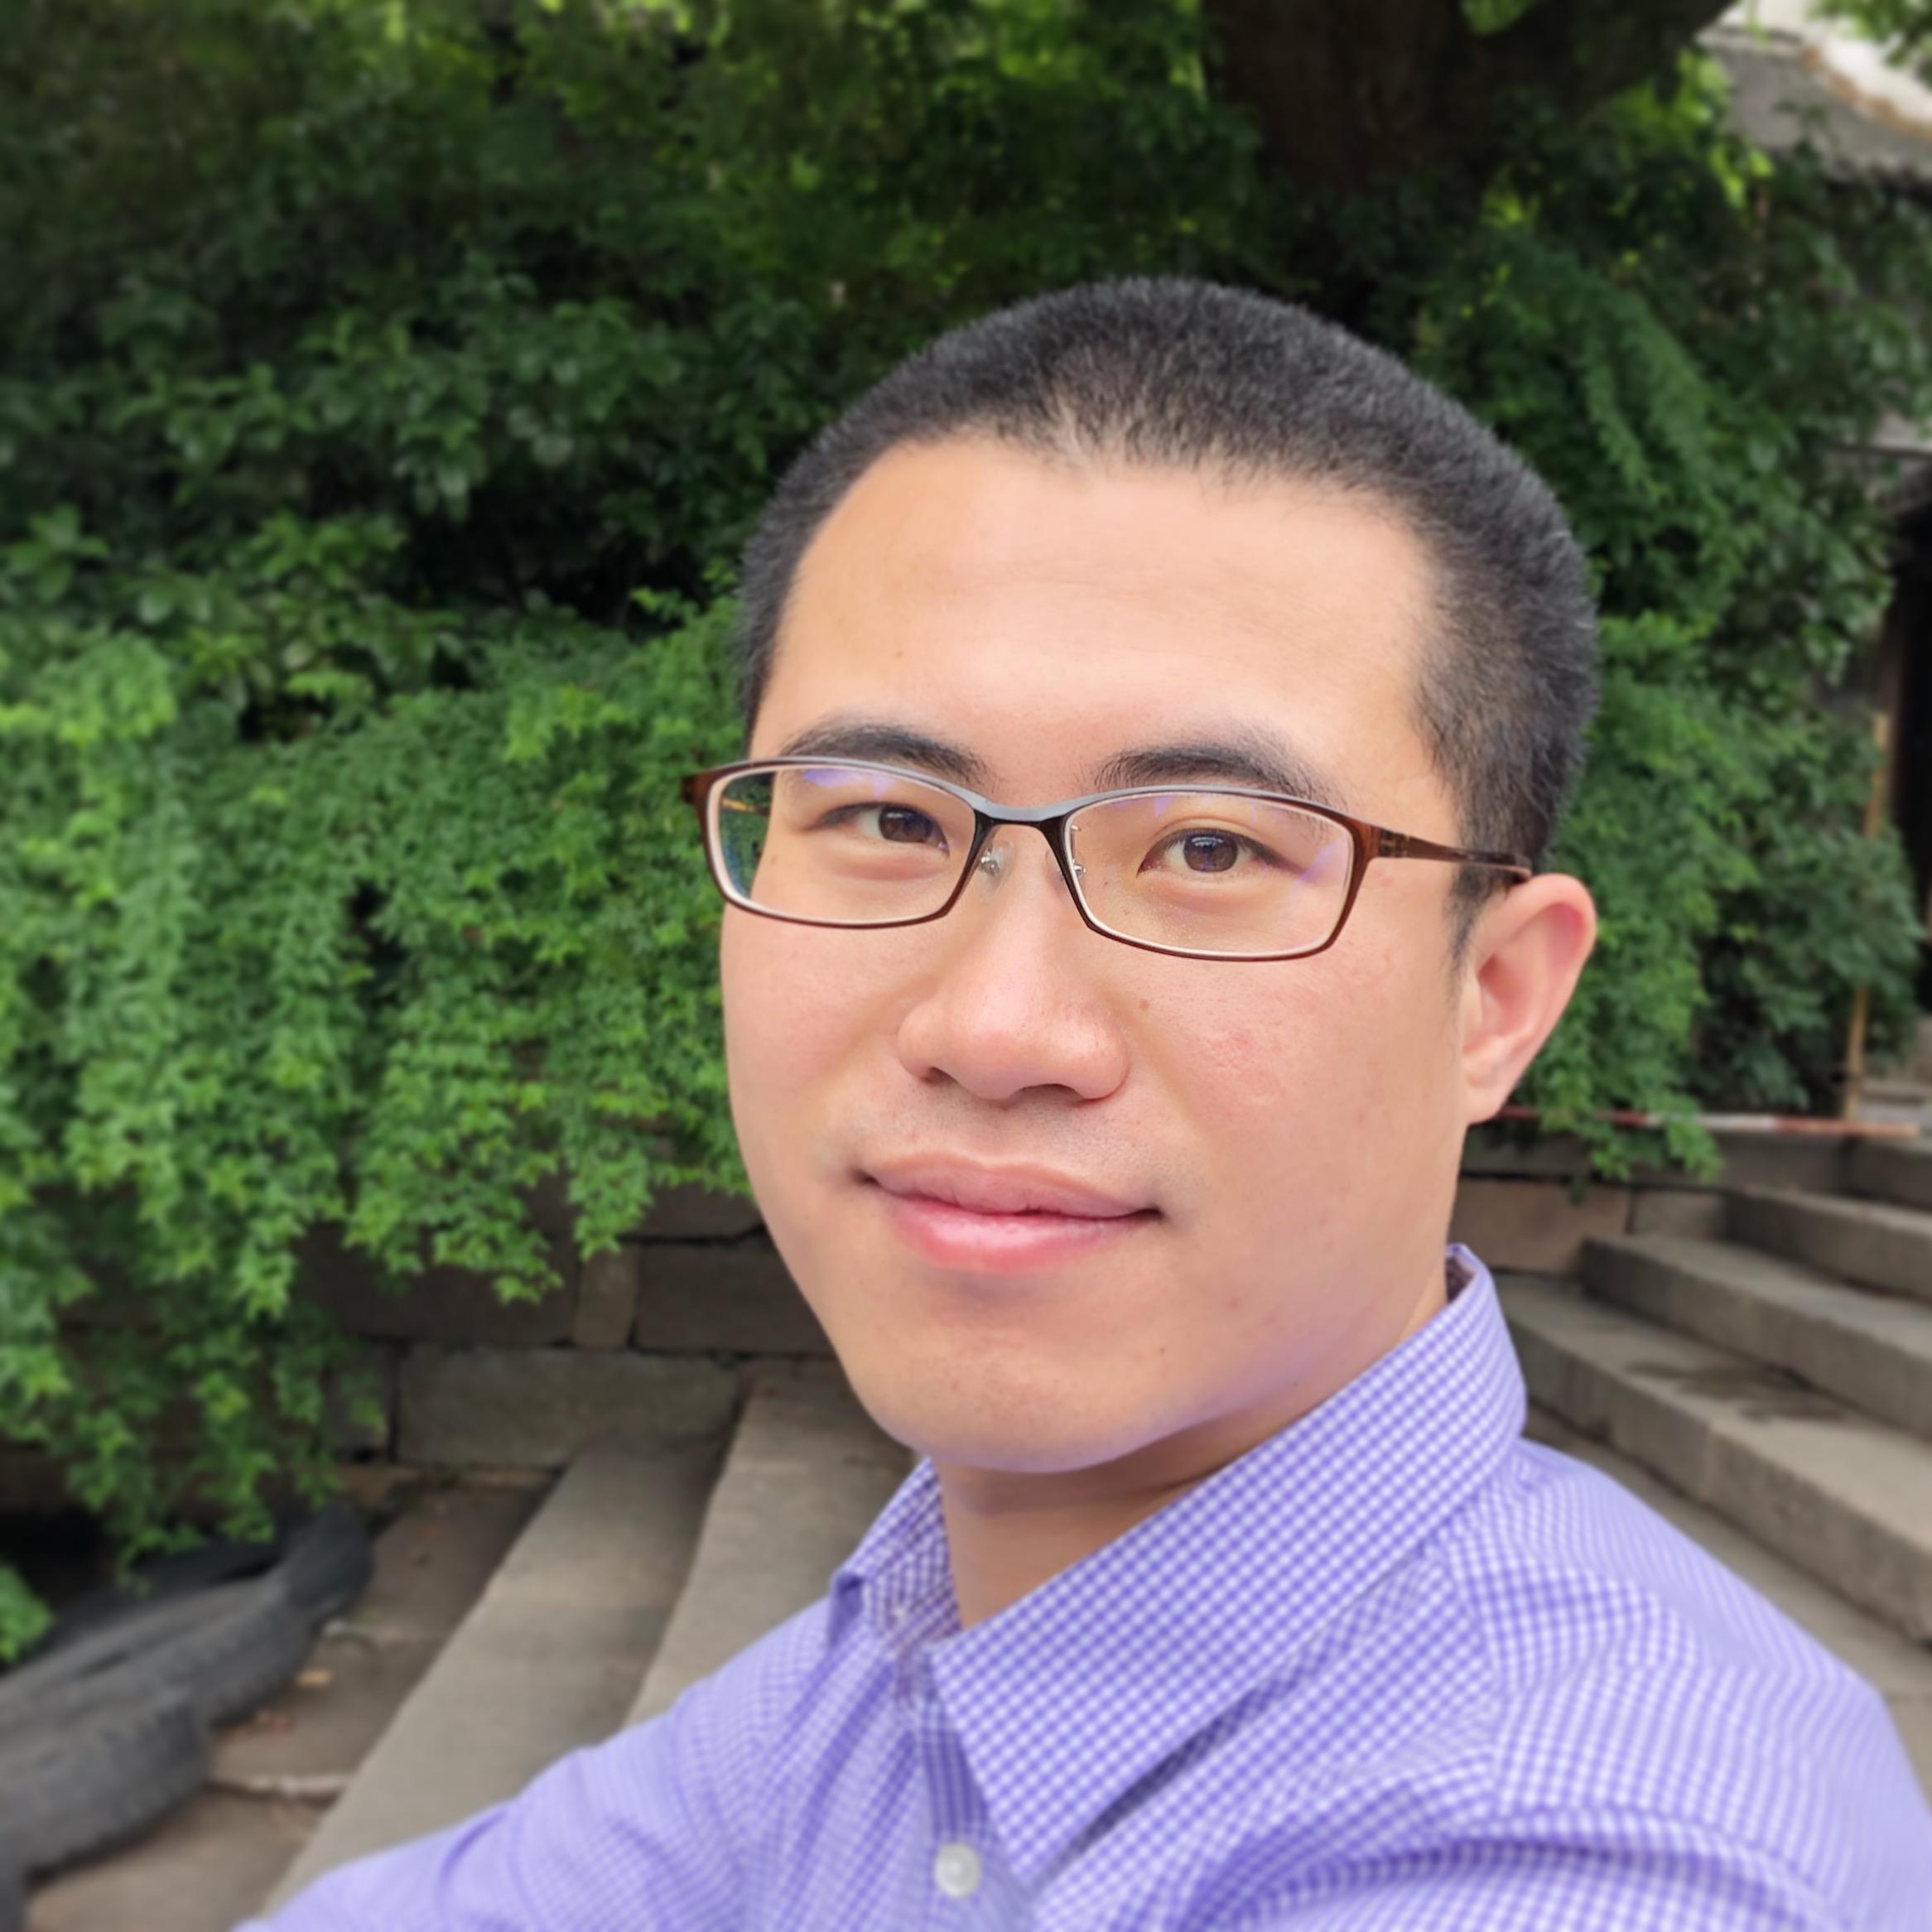 Shuquan Huang